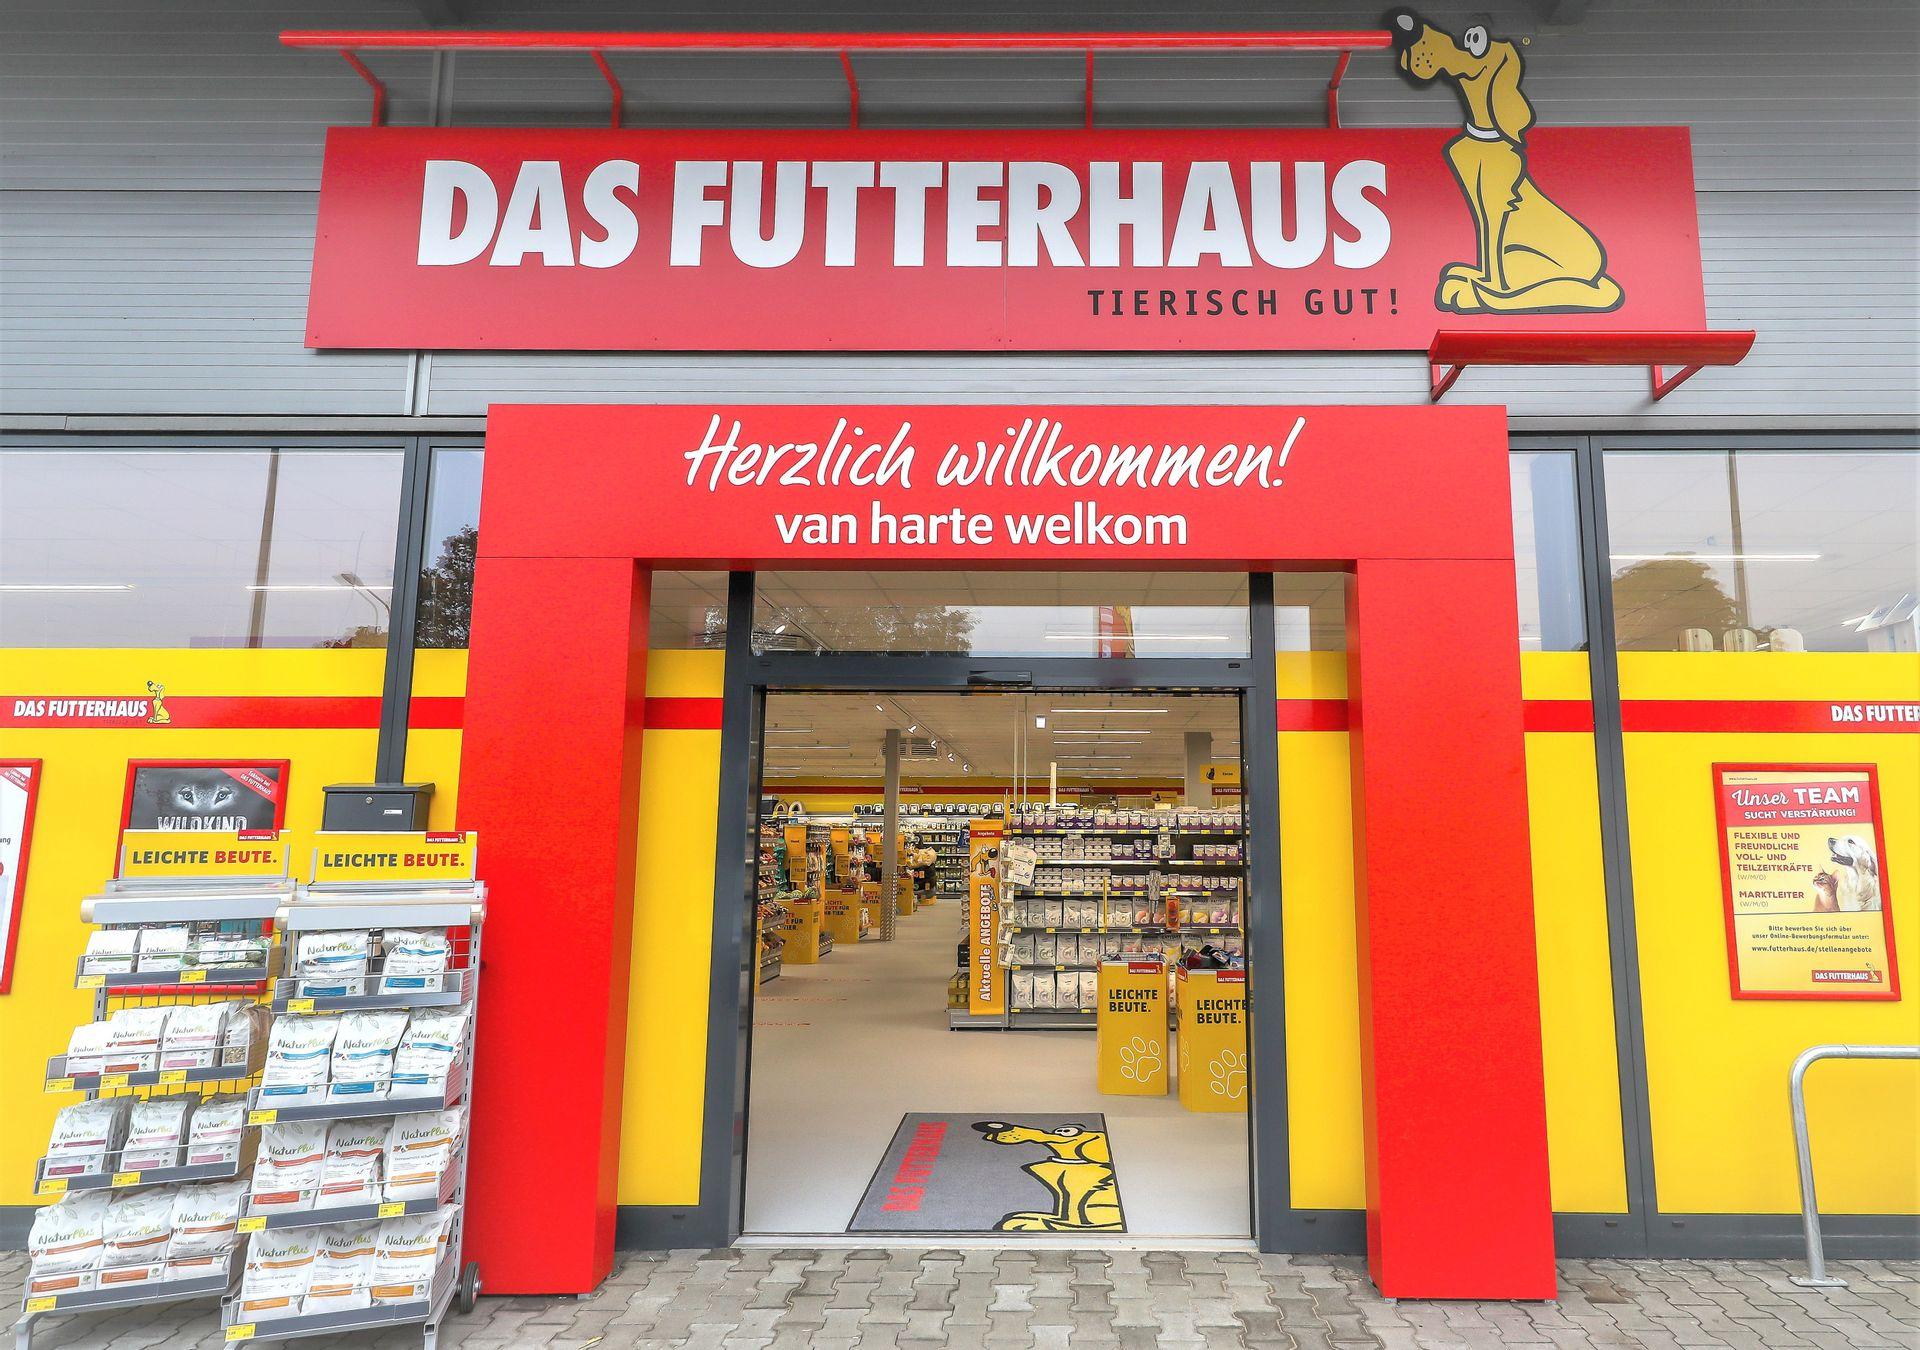 Erfolgsbilanz für 2020: Franchise-System Das Futterhaus nähert sich 400. Standort